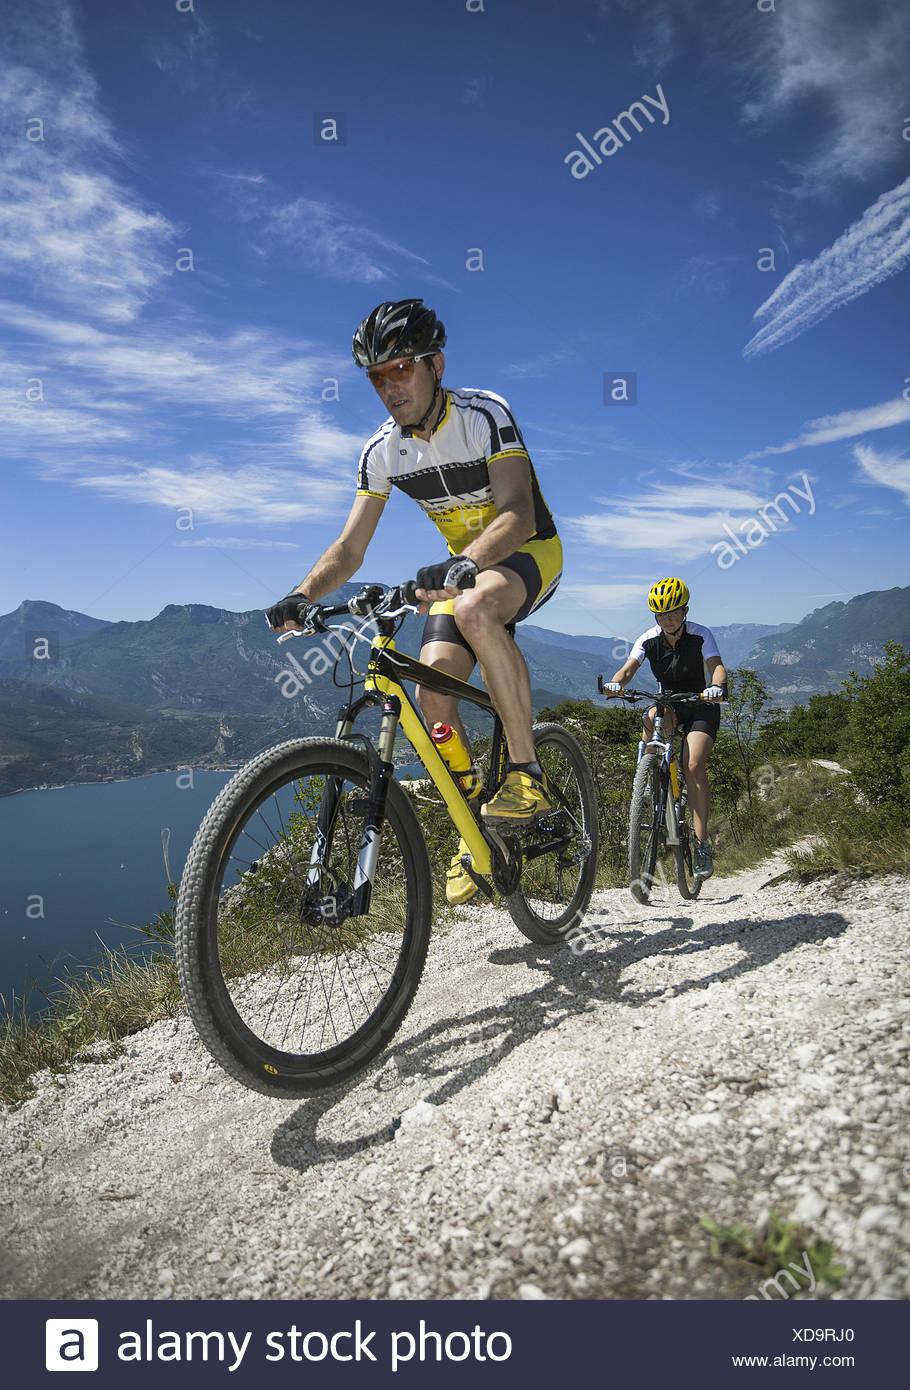 Mountainbiker im Gebirge (modello-rilasciato) Immagini Stock